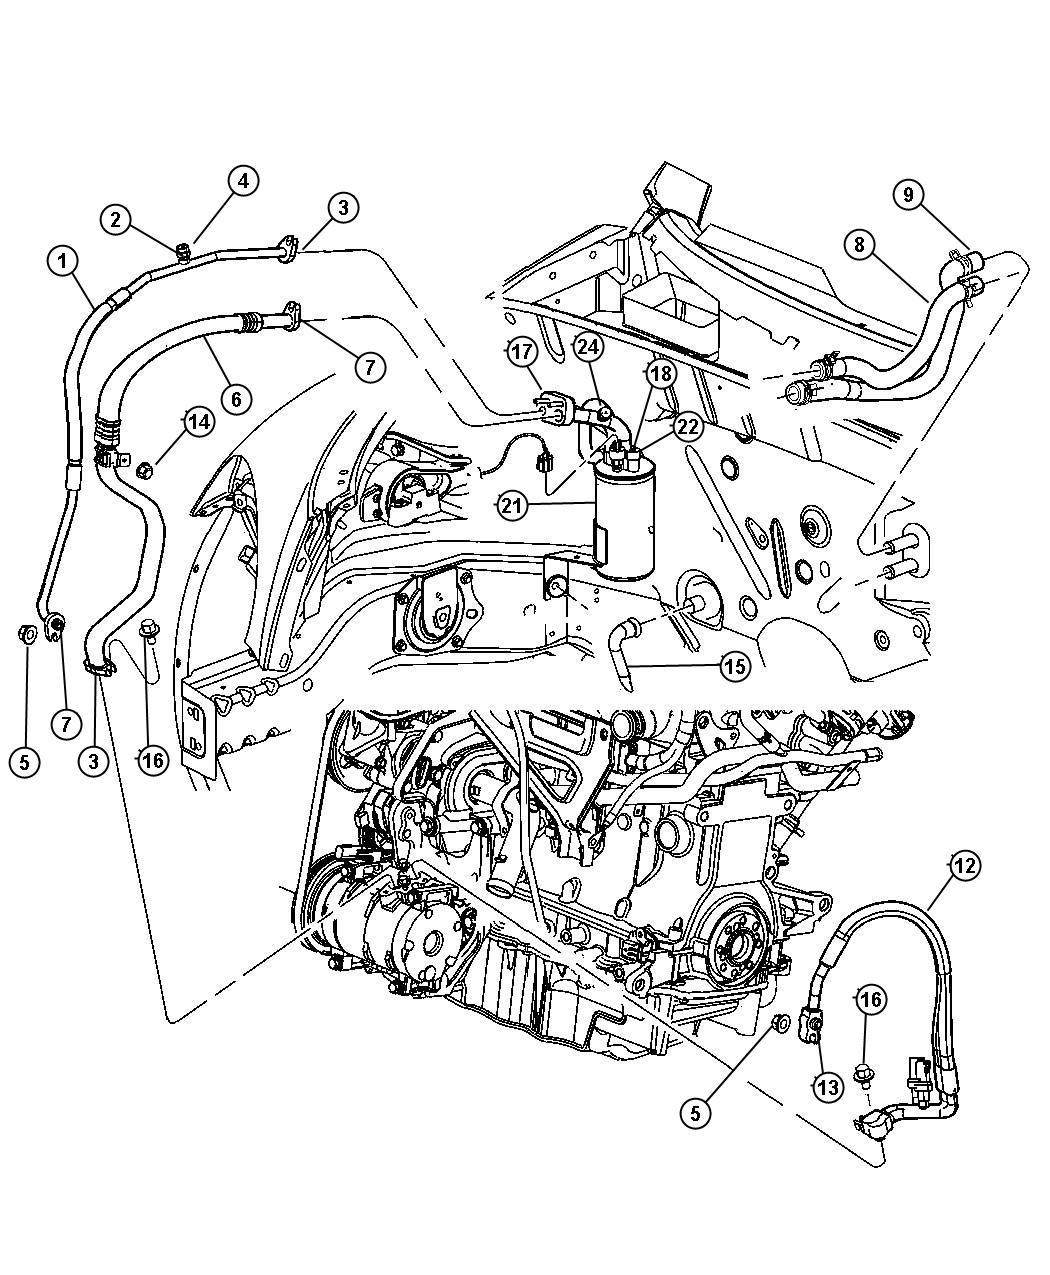 2011 Dodge Challenger Line. A/c suction. Automatic